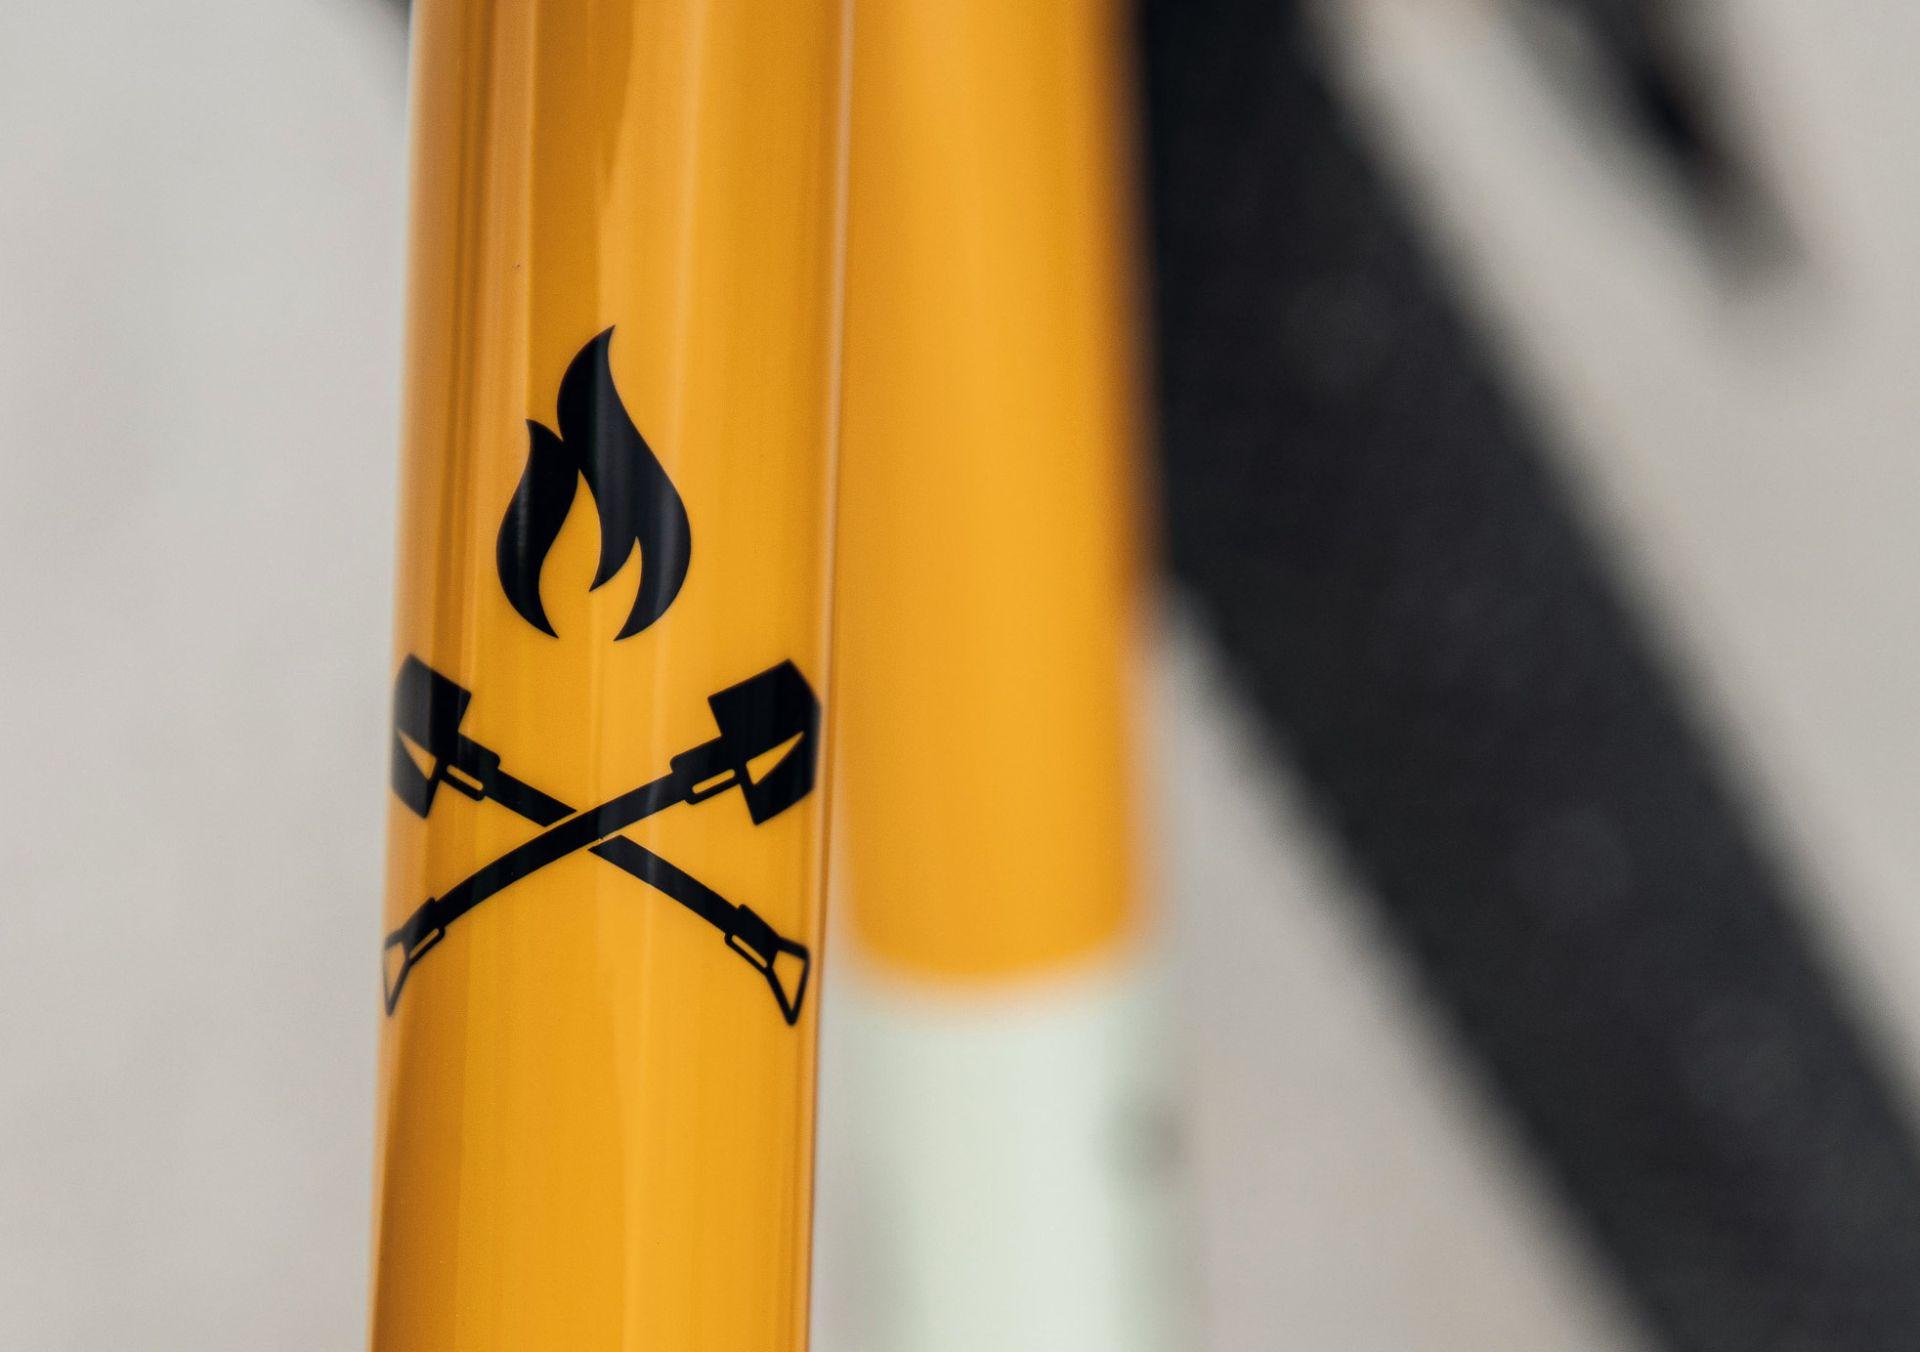 Unverkennbar: Flamme und Schaufeln sind die Symbole des Diamant 135.